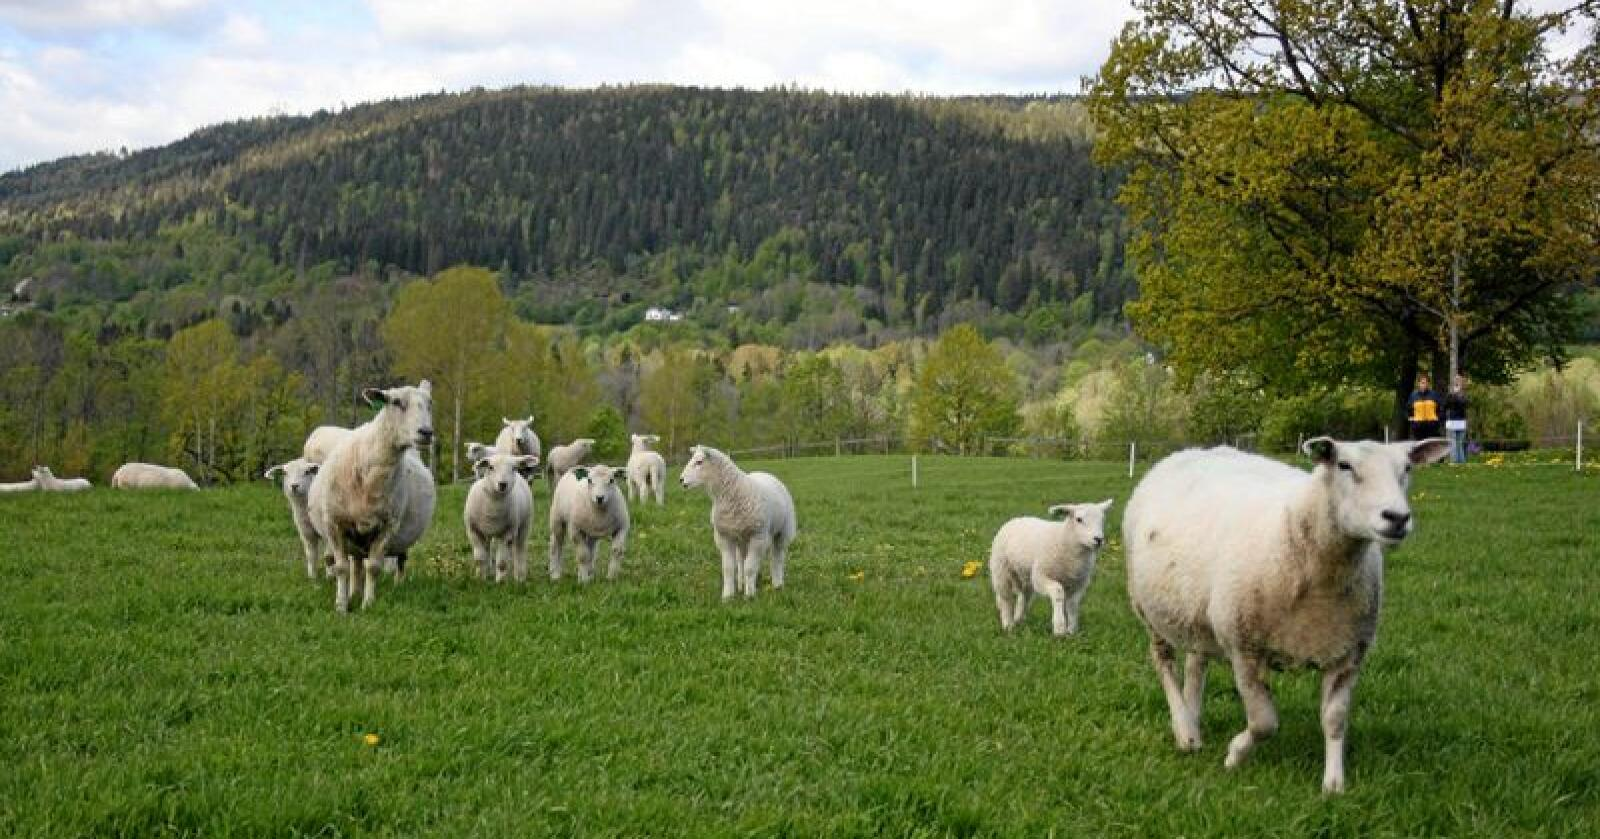 Ny utdanning: Nome videregående skole, avdeling Søve i Telemark satser på en ny utdanning i sauehold og lokal foredling. Foto: Norsk Sau og geit